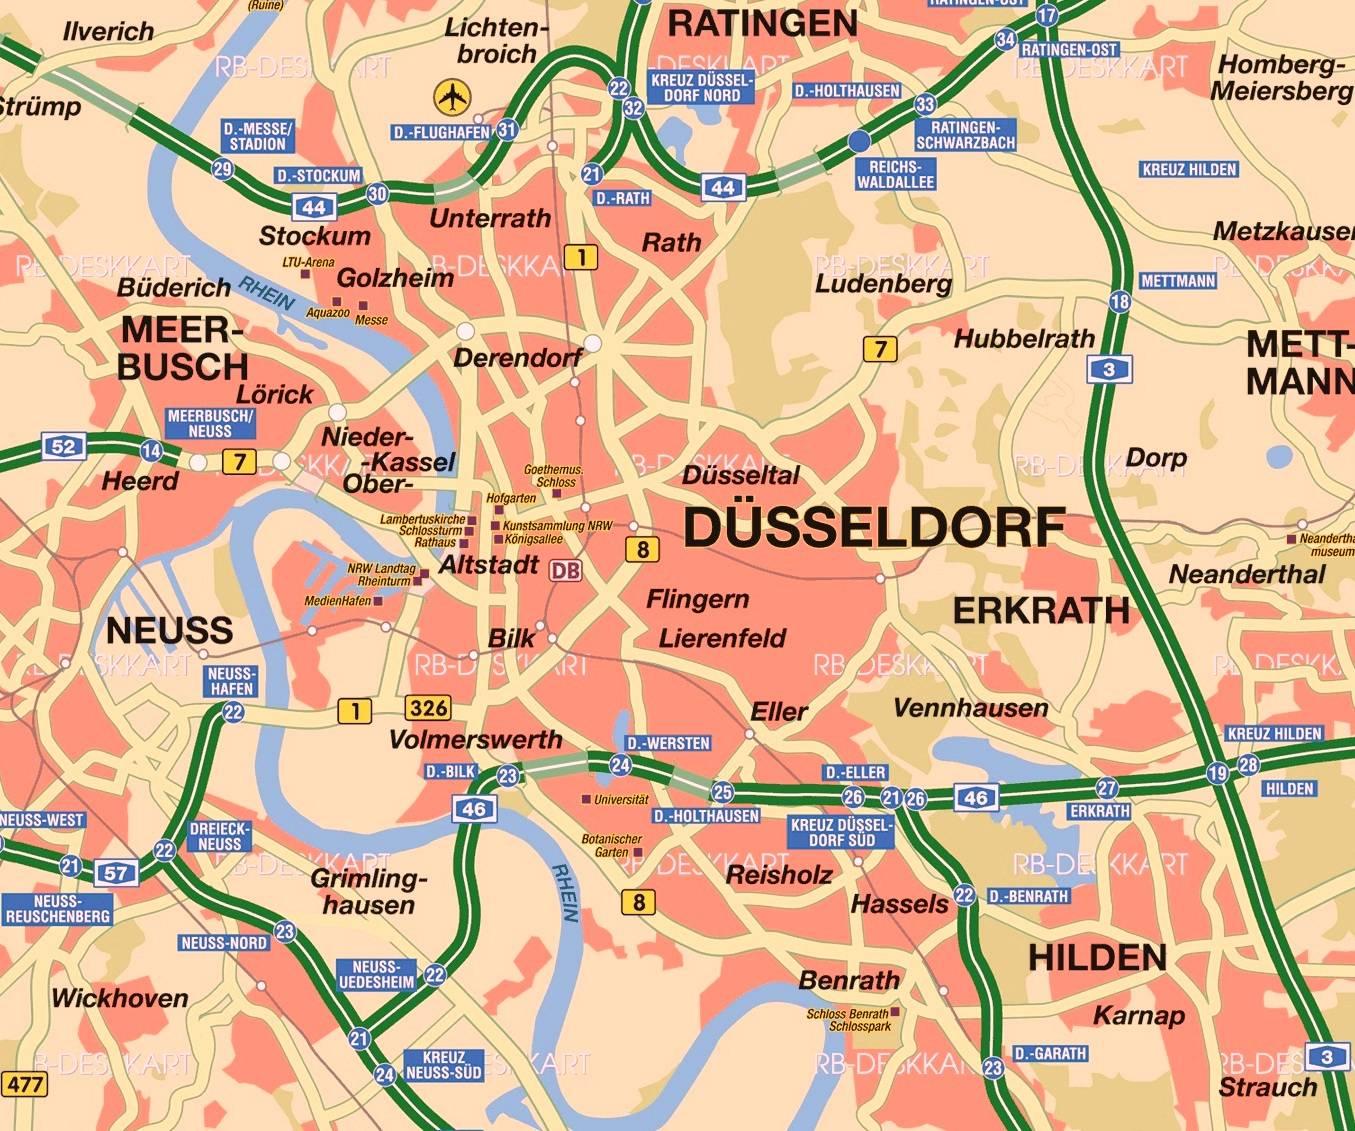 Как добраться из дюссельдорфа в кельн: все способы